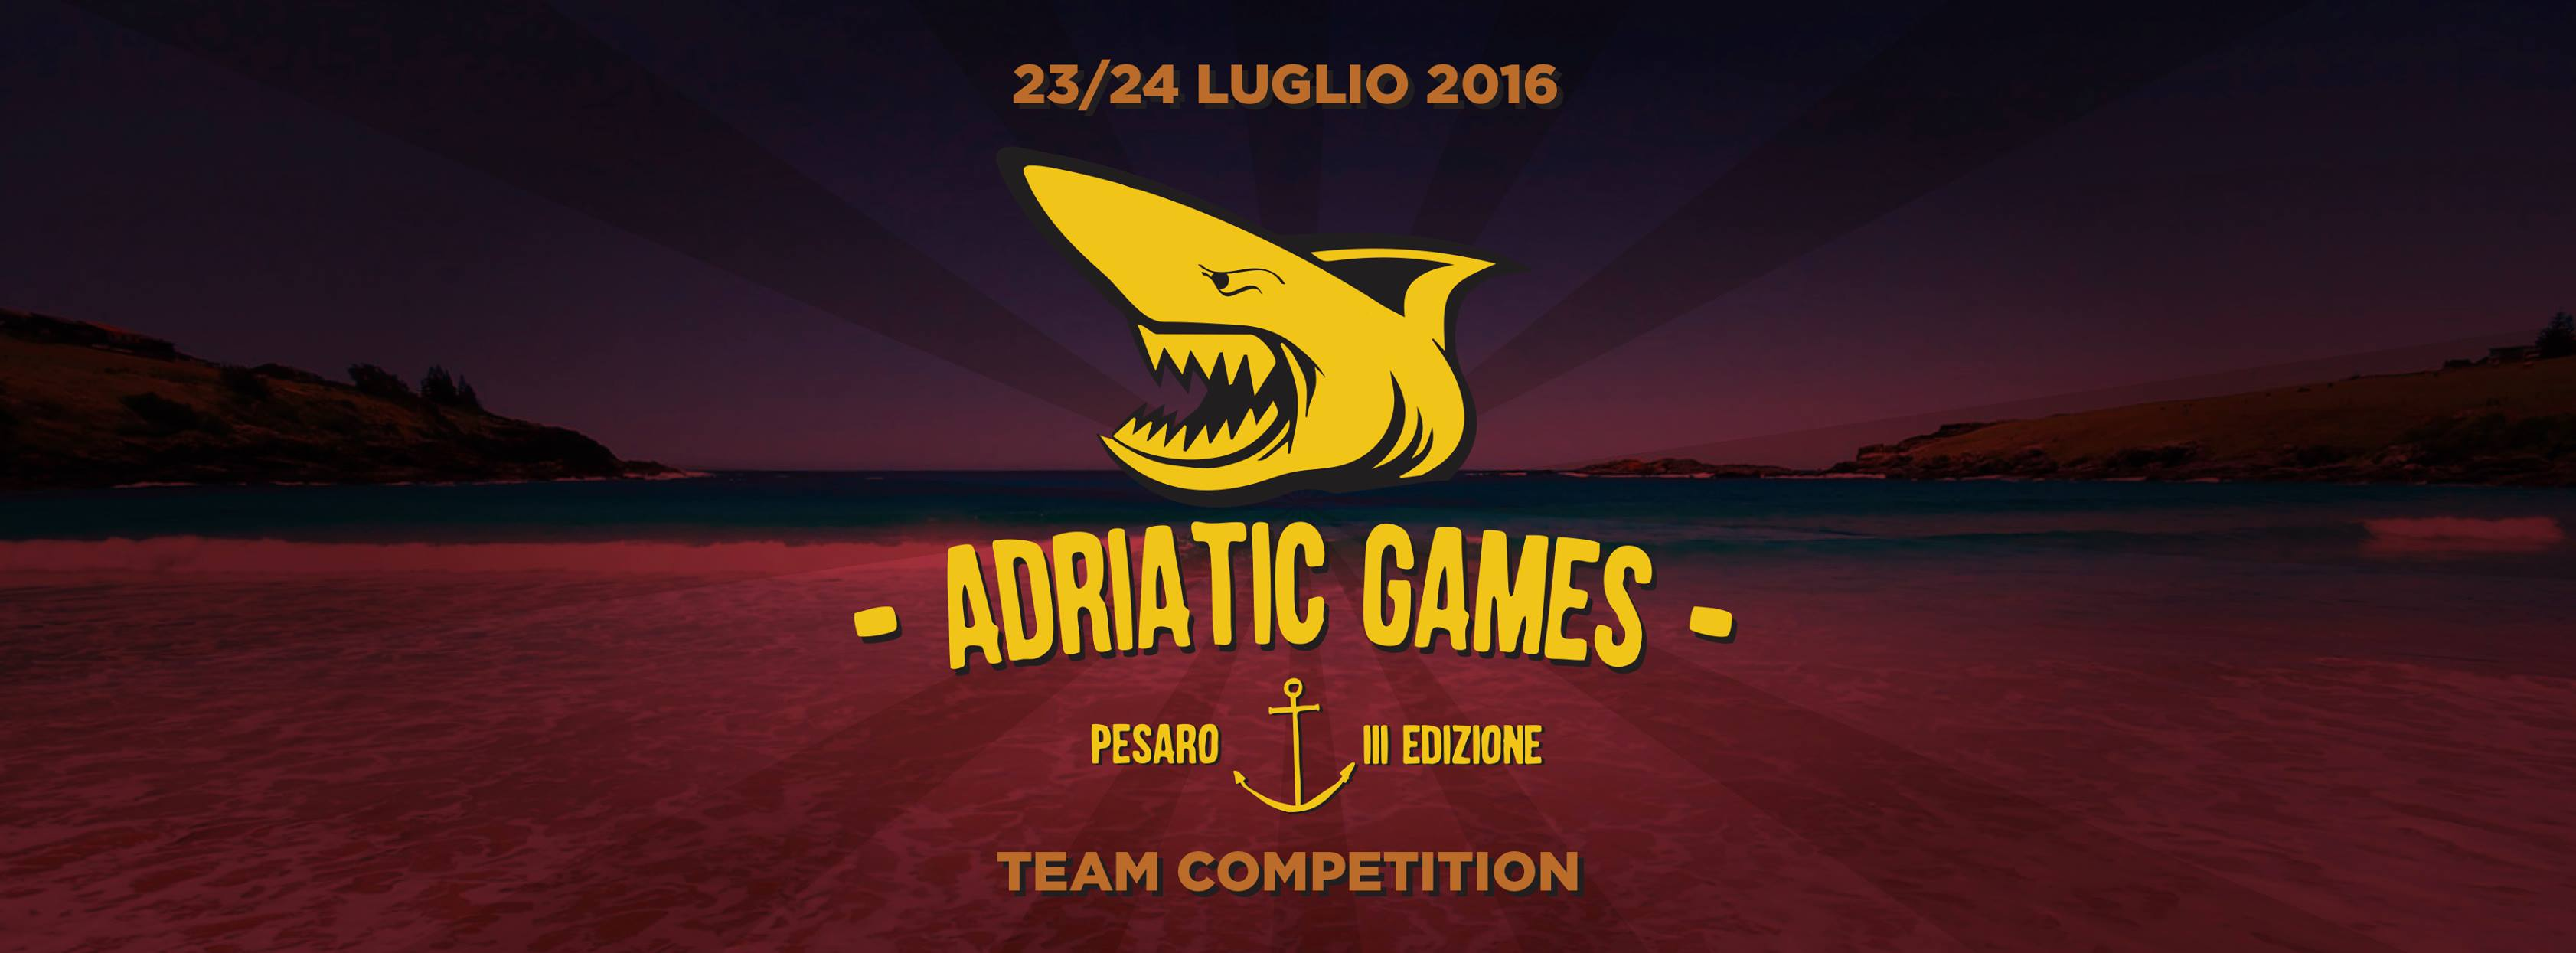 adriatic games 2016 crossfit